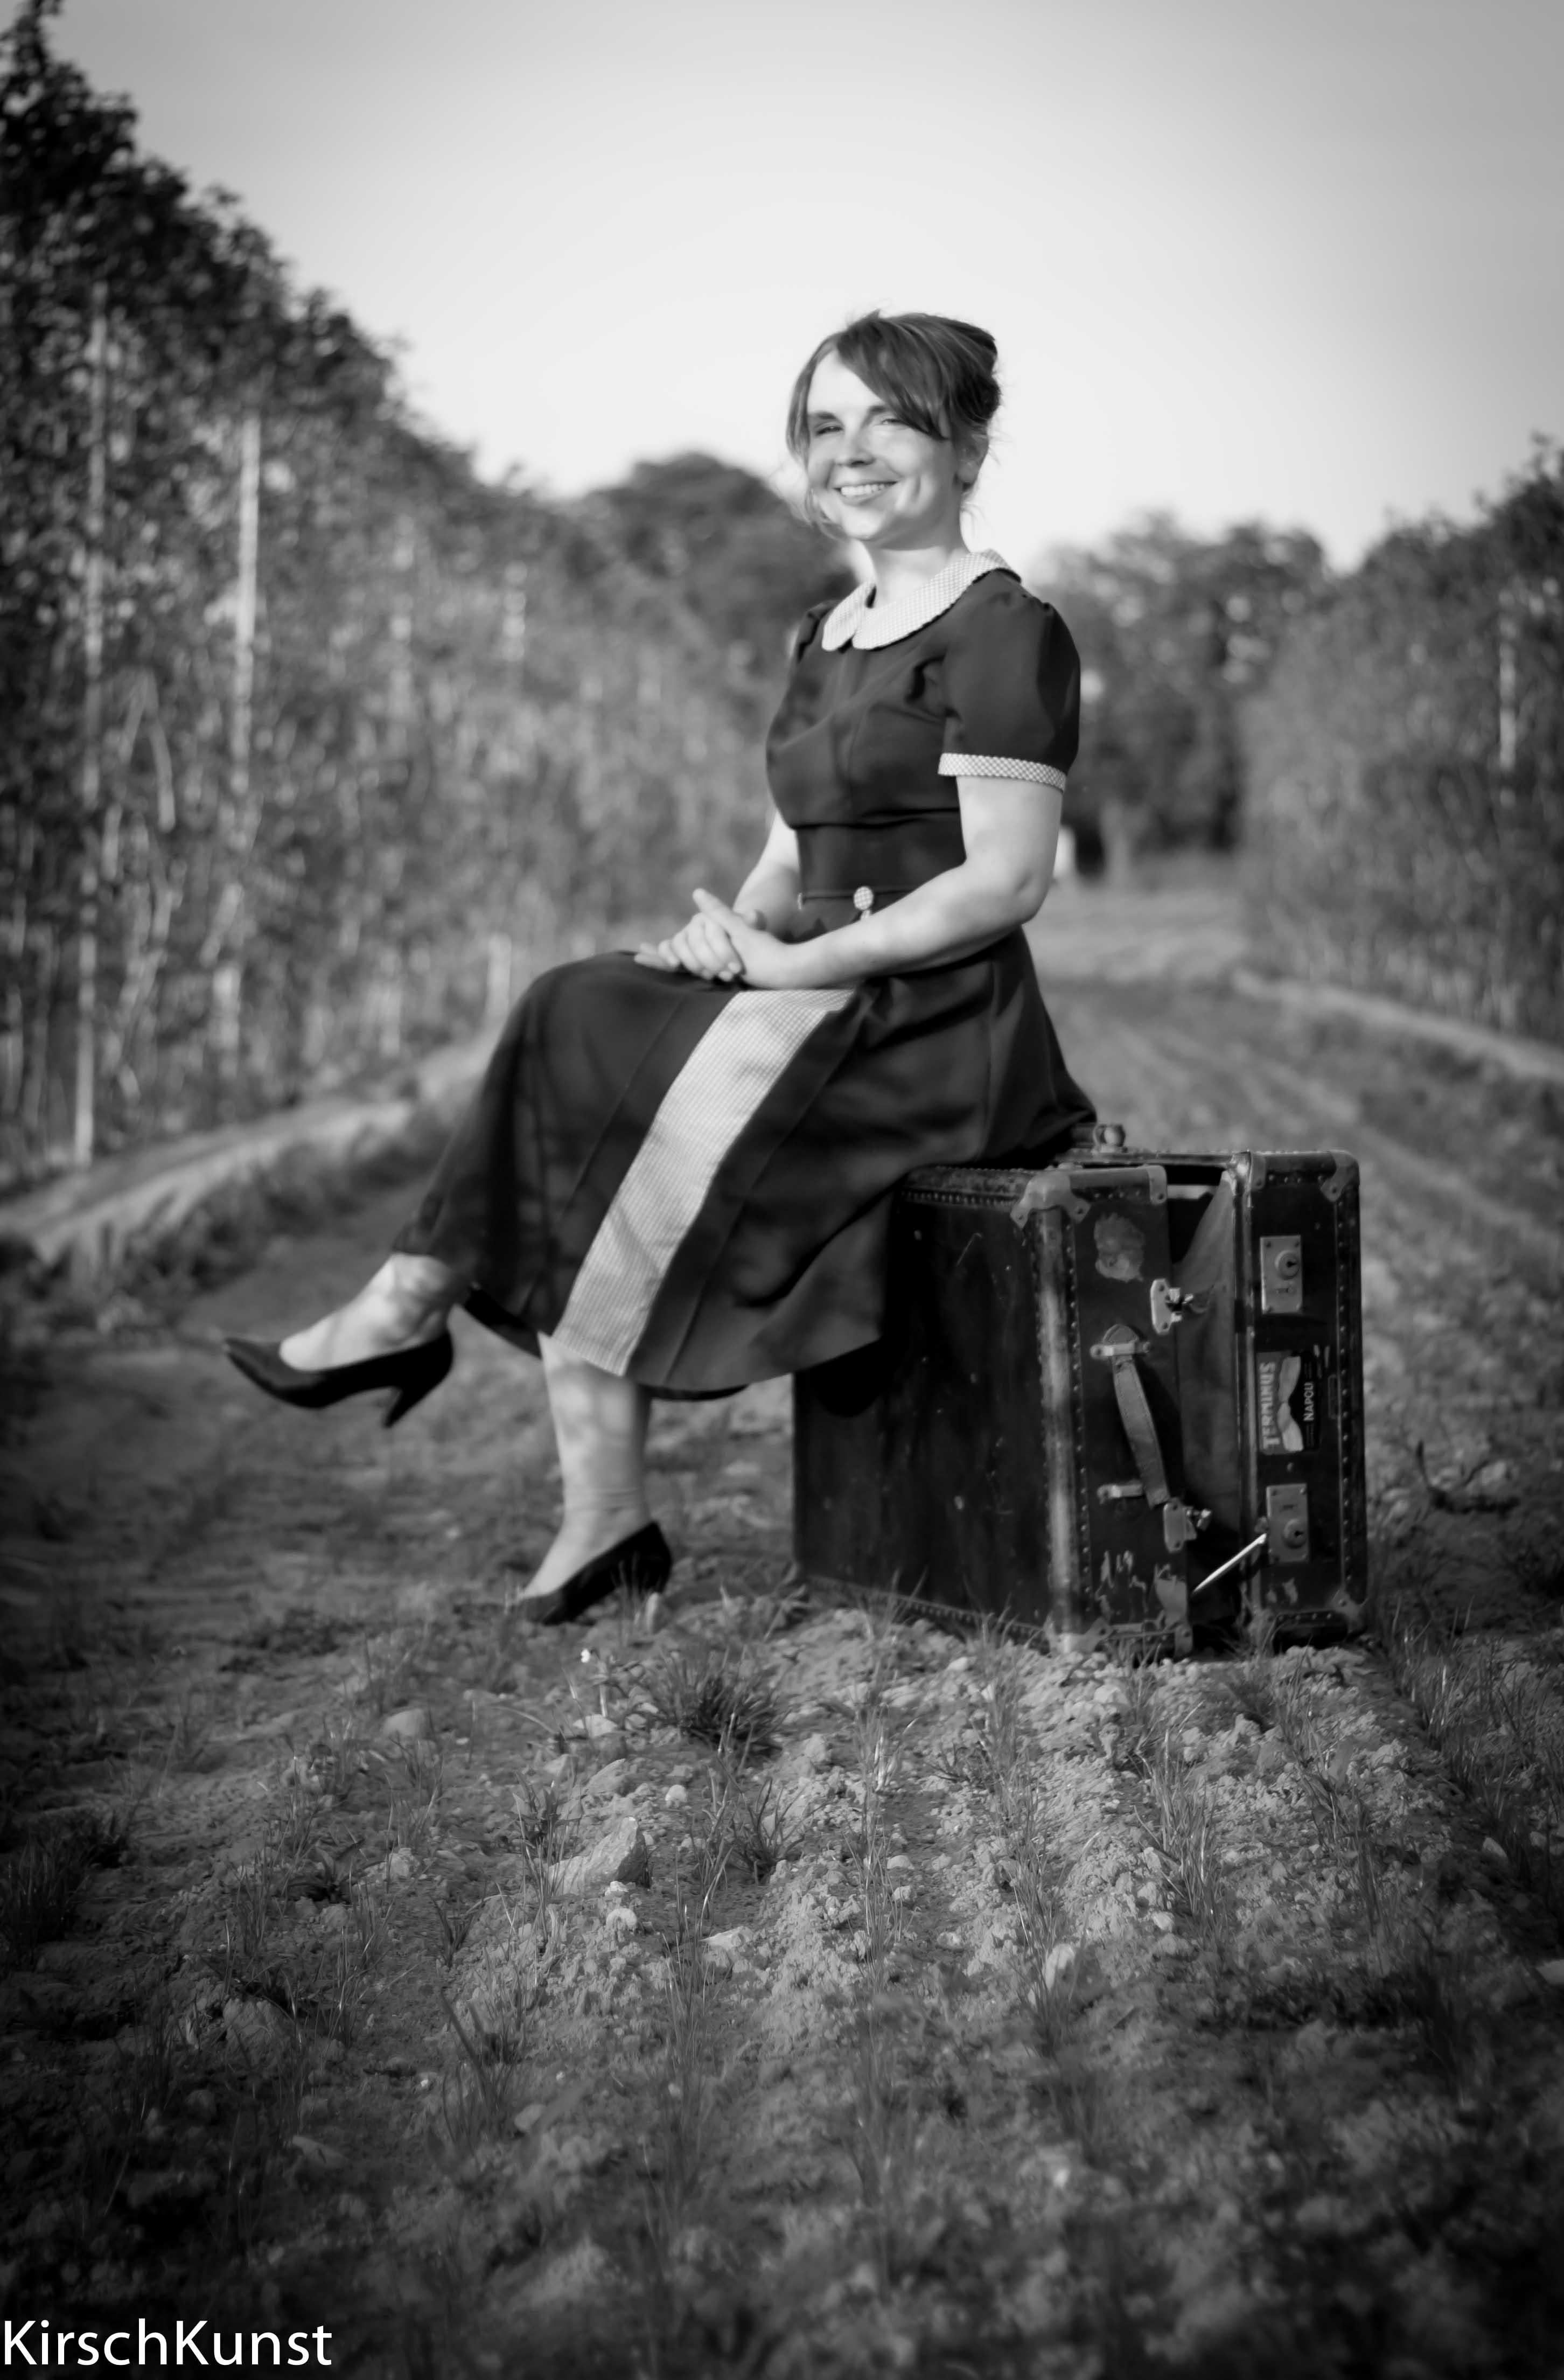 Frau im Feld auf einer Kiste sitzend